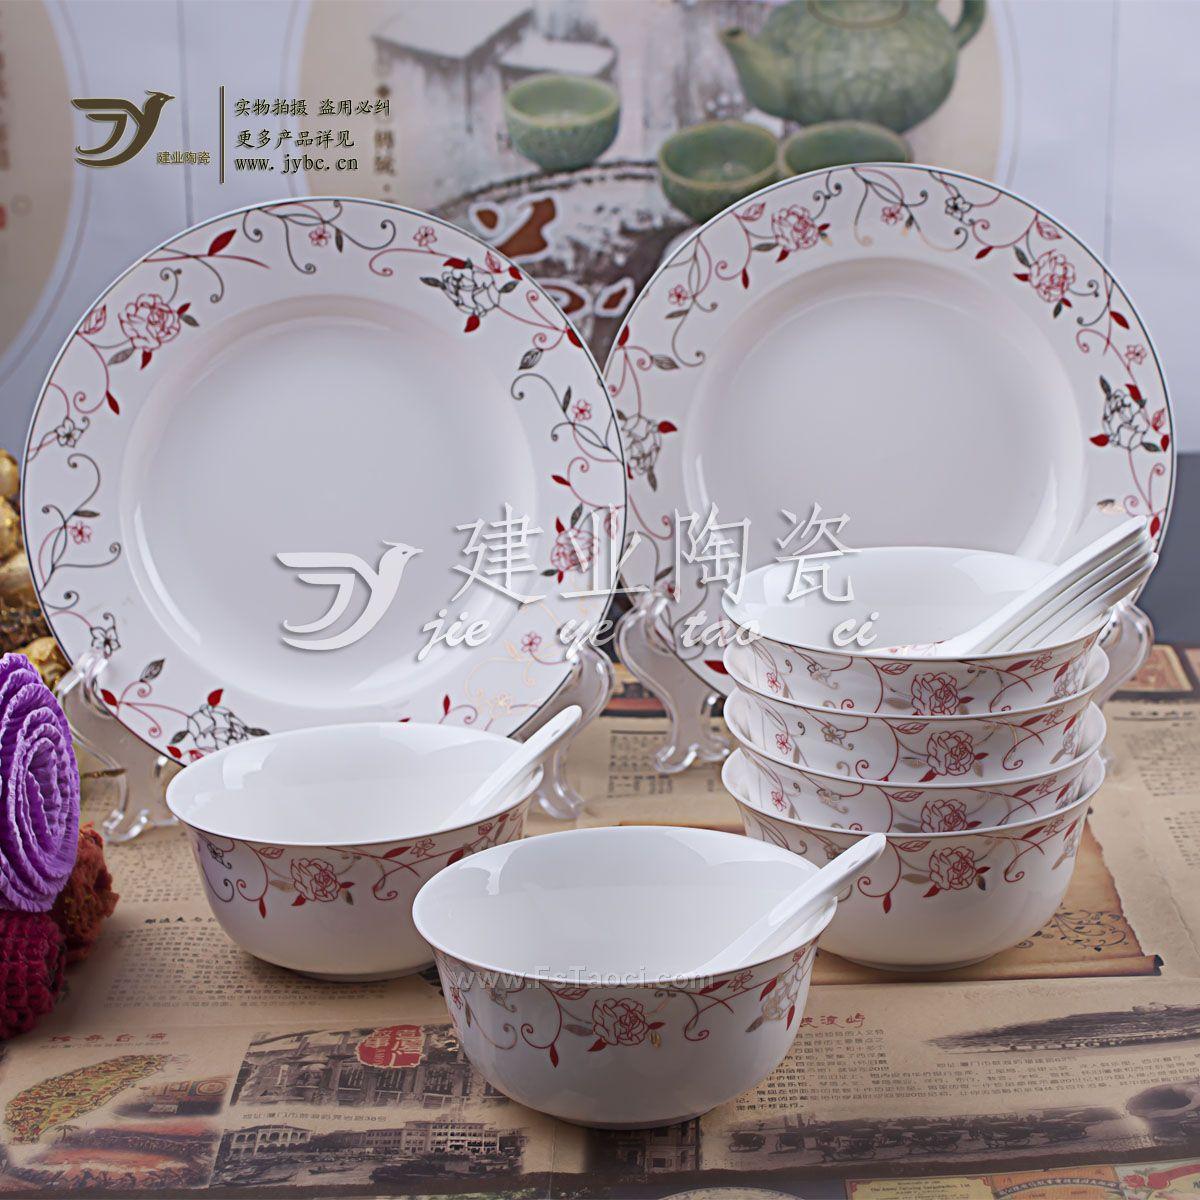 分享骨瓷餐具套装价格及骨瓷餐具套装搭配购买